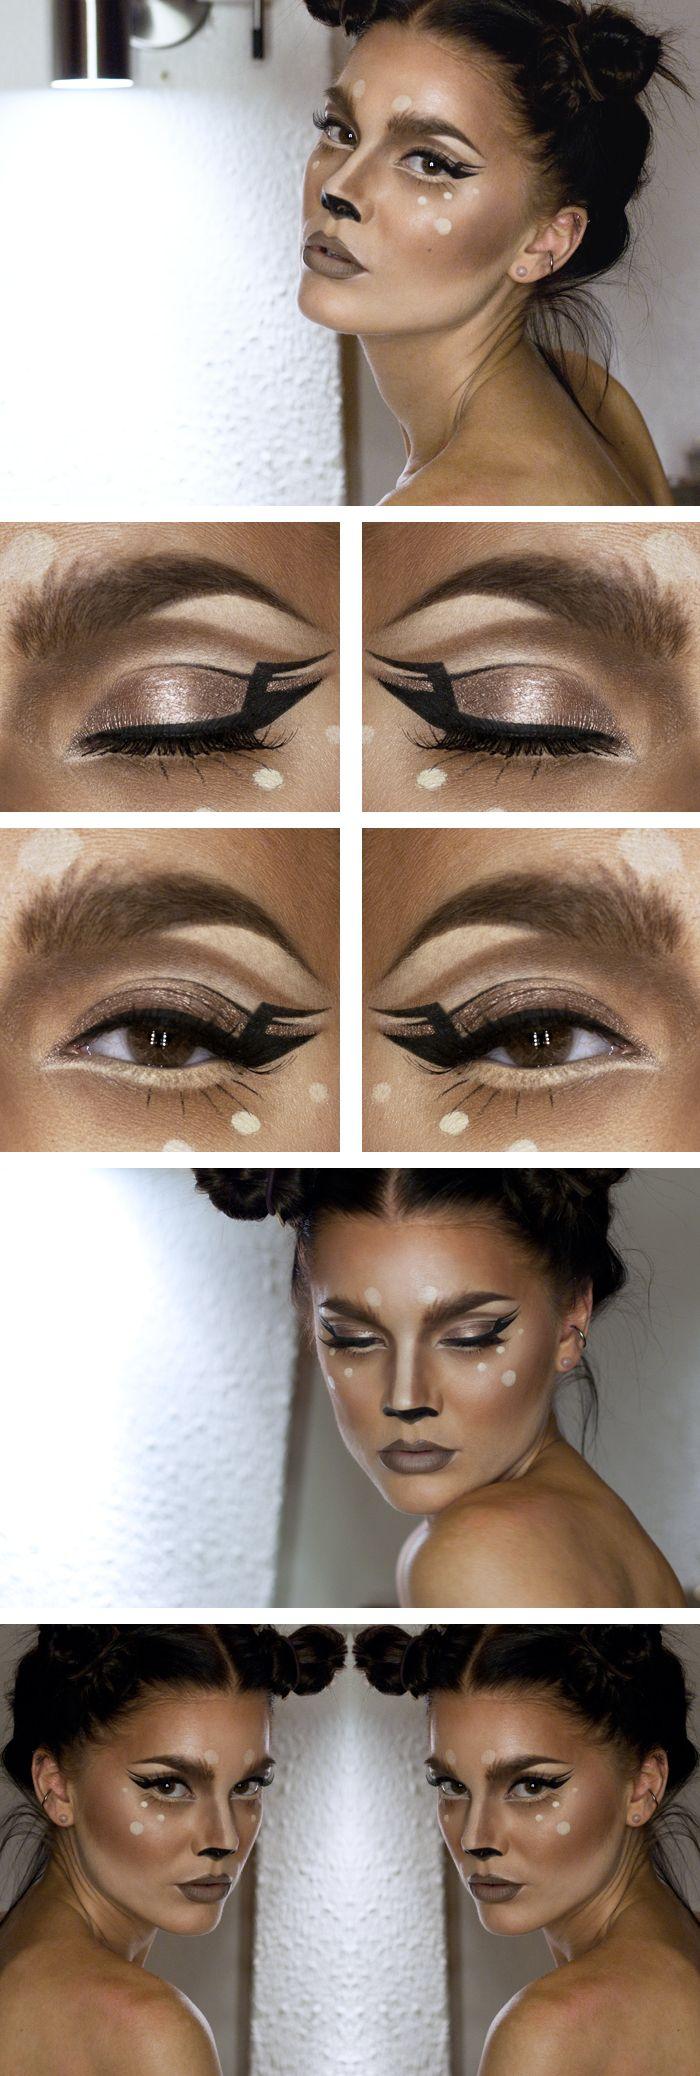 TODAYS LOOK - DEER. Linda Hallberg makeup artist